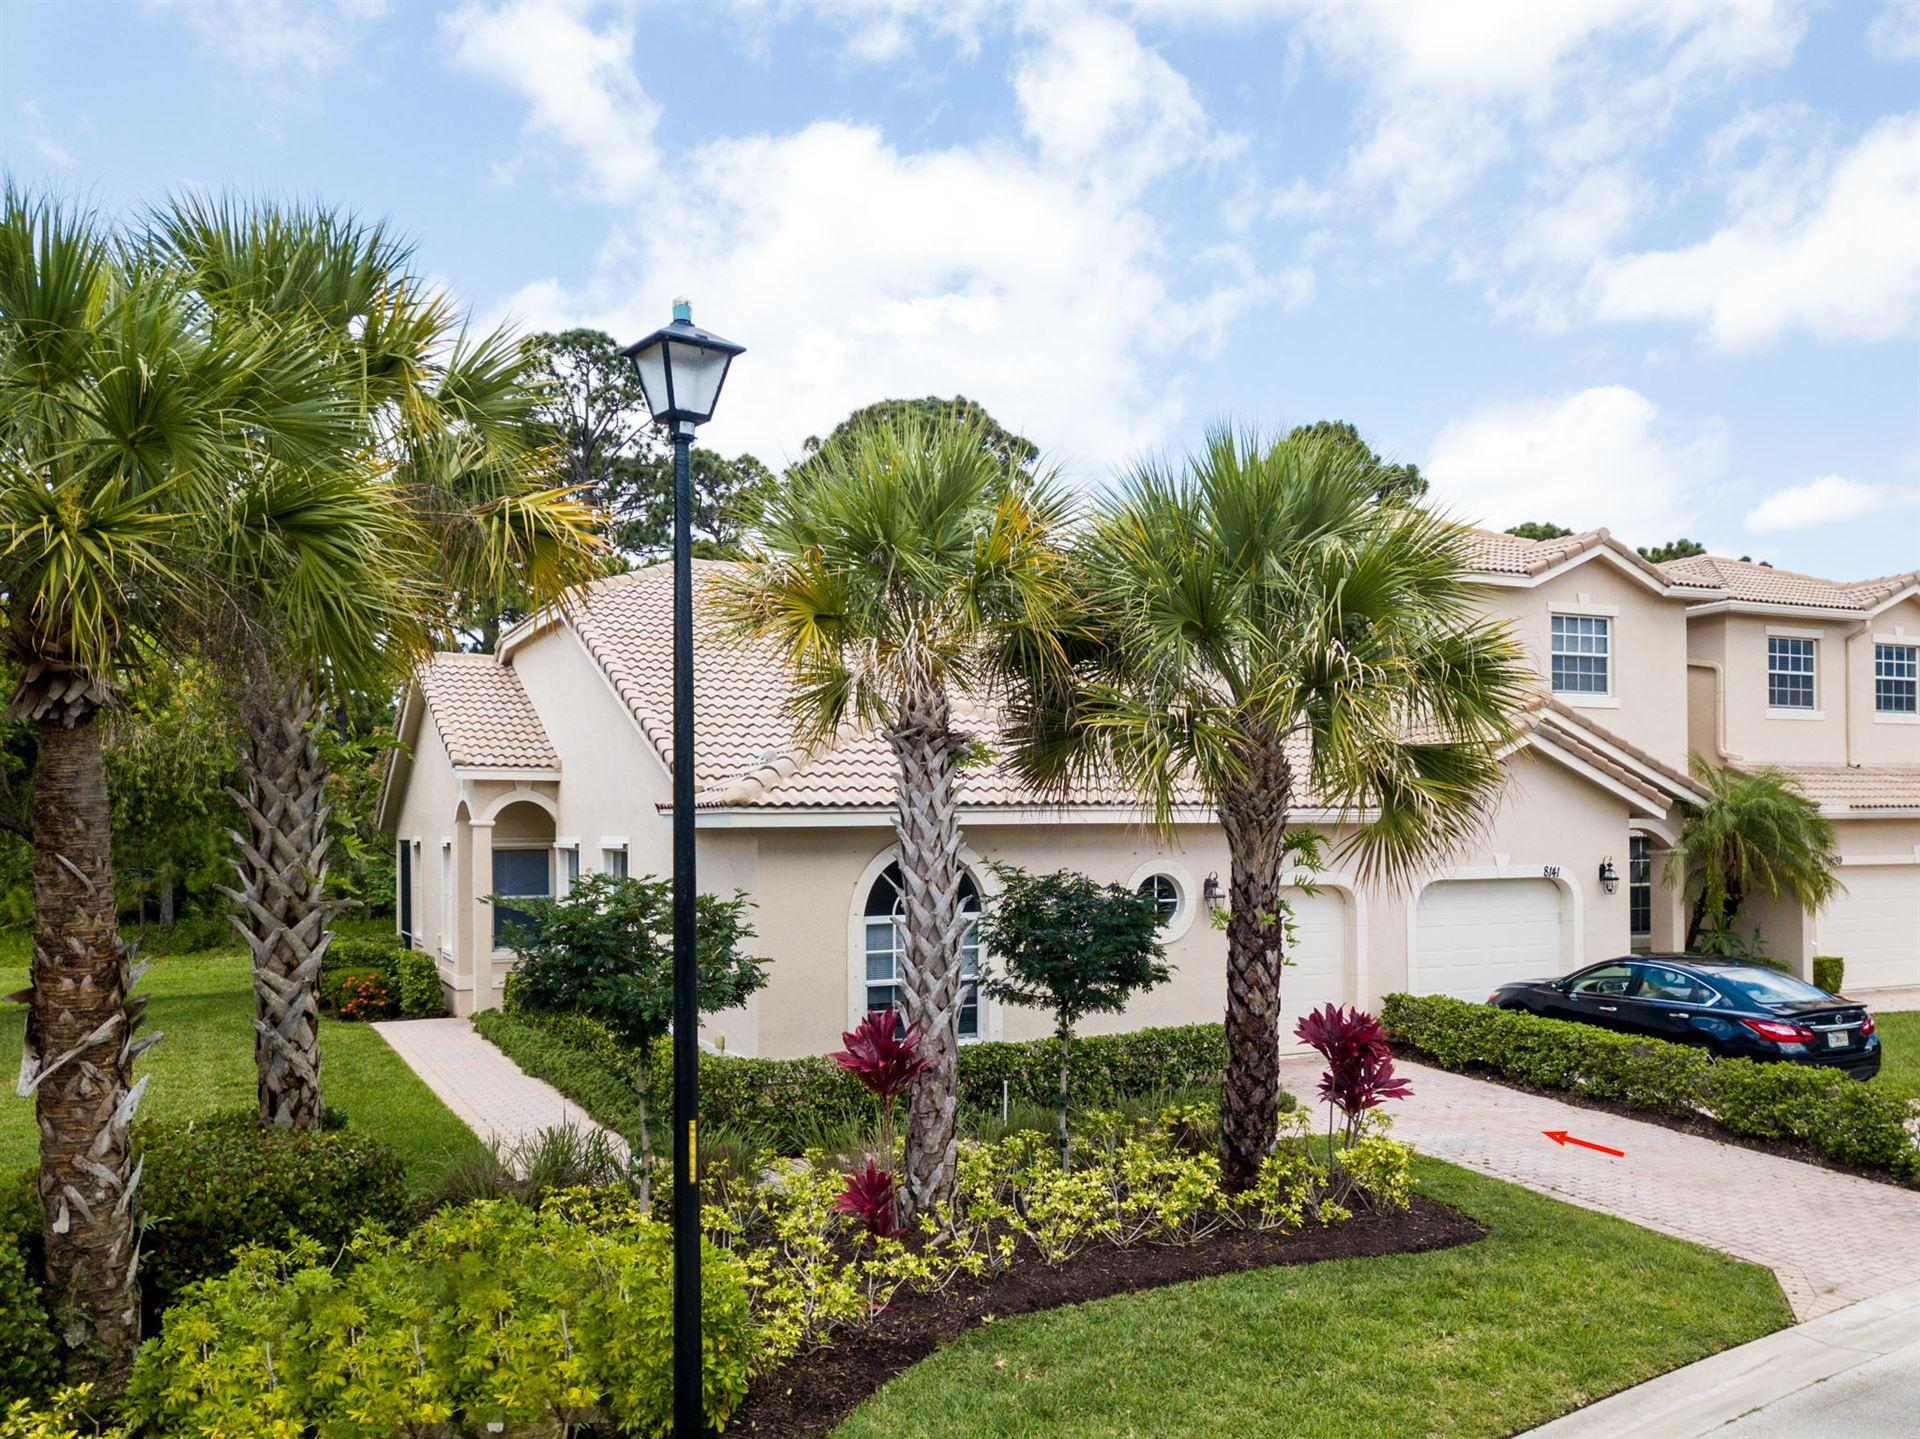 8143 Carnoustie Place, Port Saint Lucie, FL 34986 - #: RX-10604238